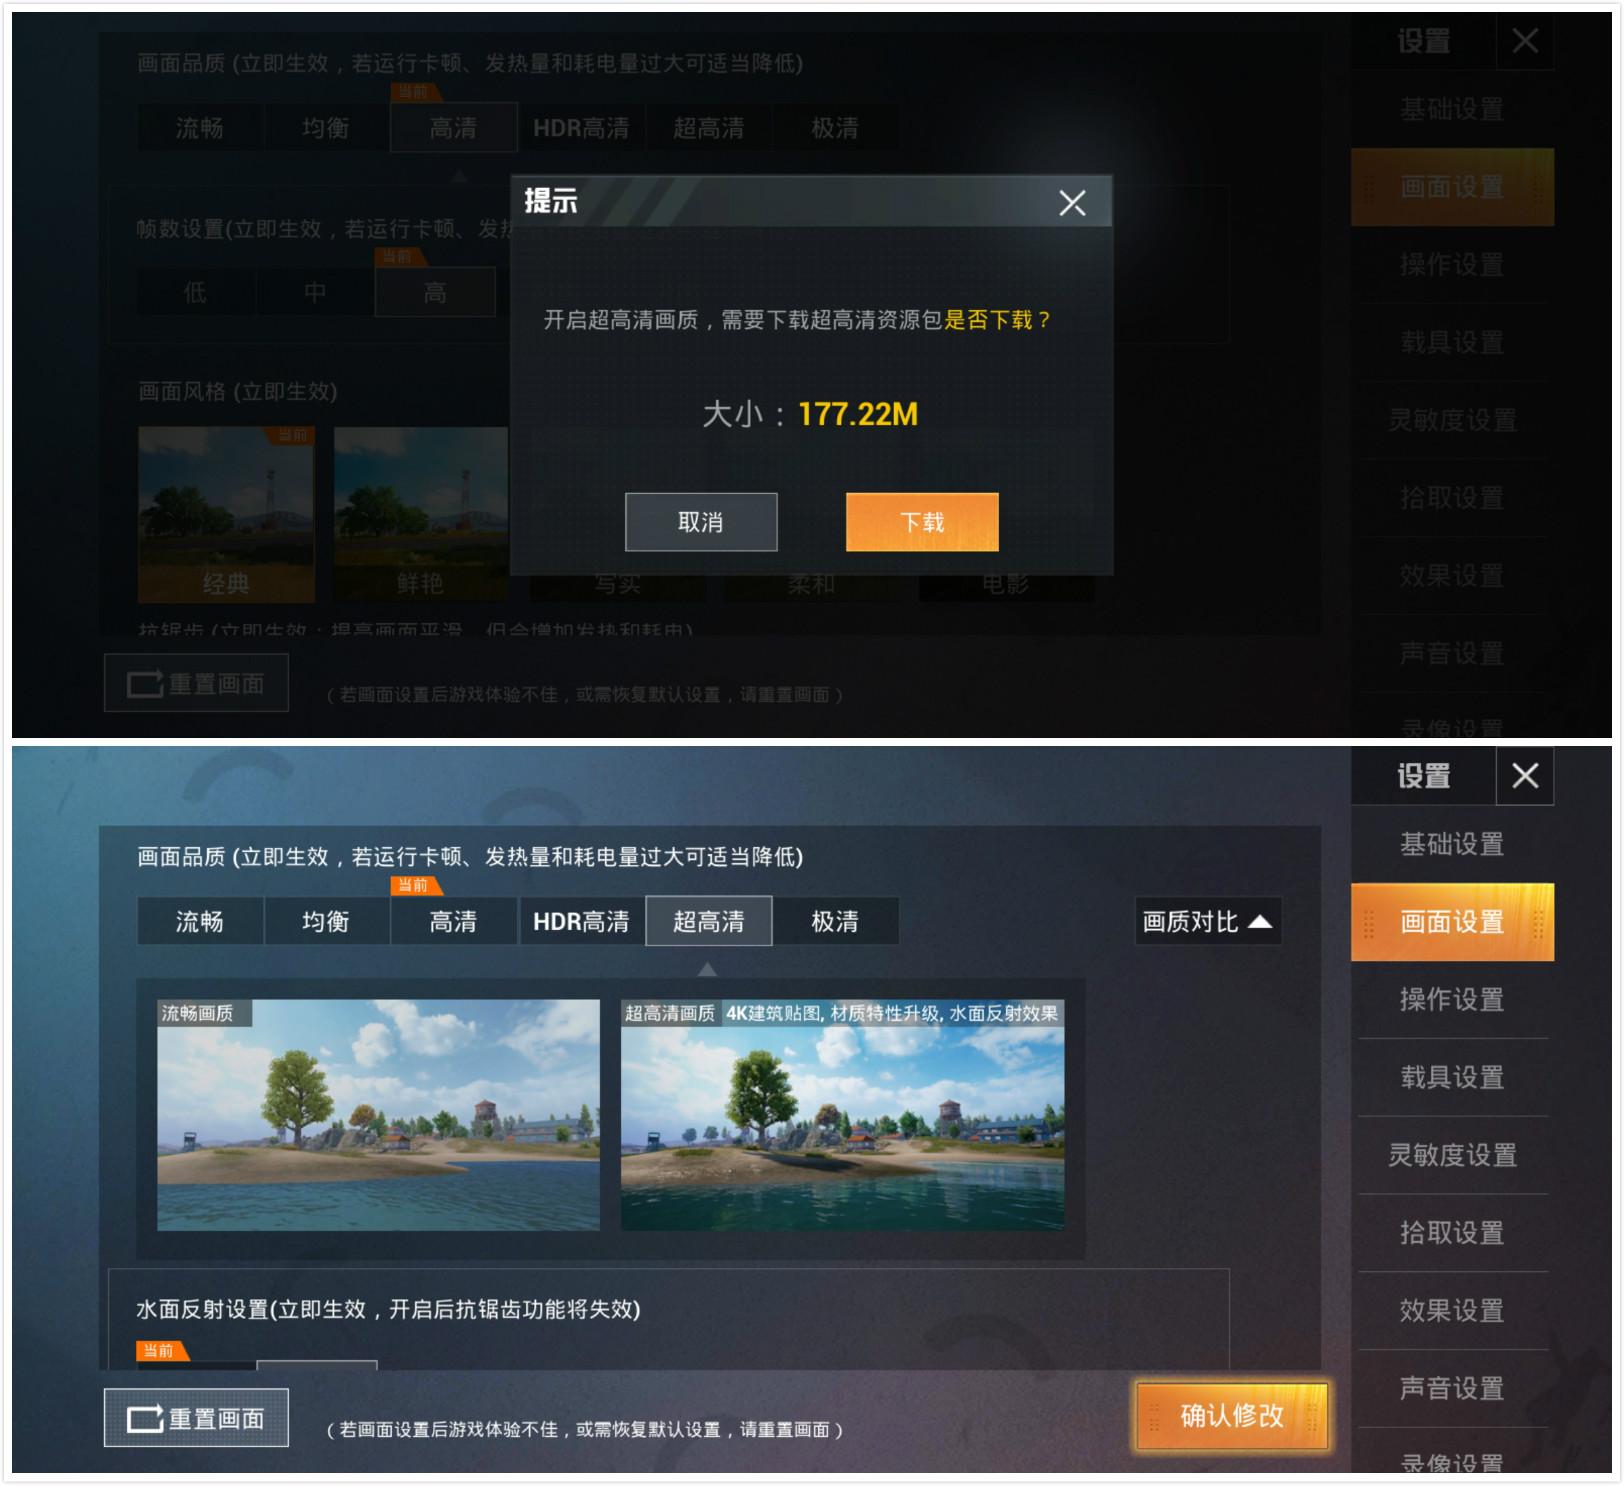 iQOO 5 Pro传奇版啪啪社区:以宝马M之名 敬iQOO新生